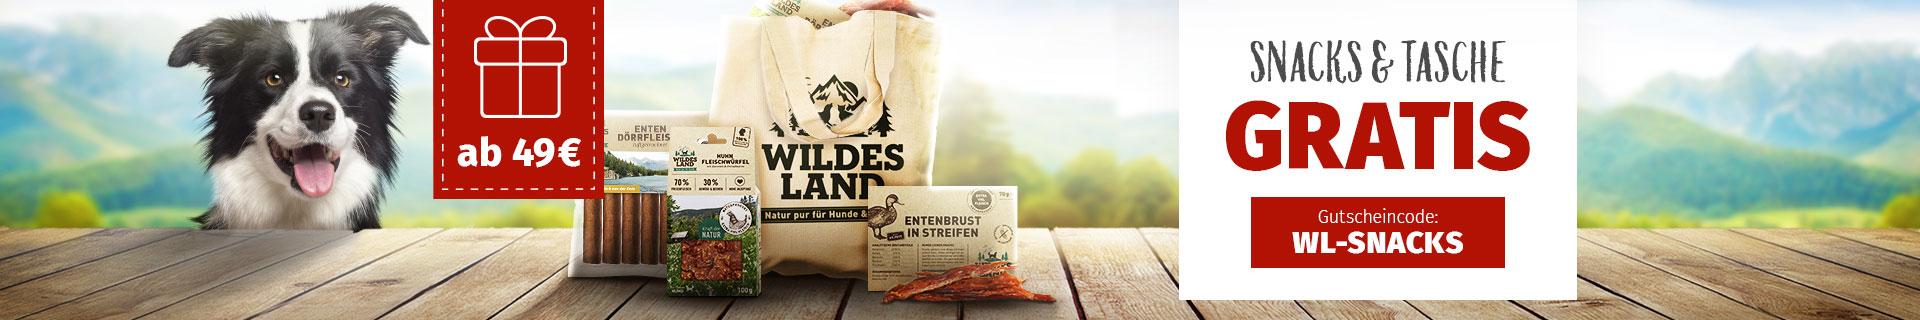 Wildes Land Snackpaket mit Tragetasche